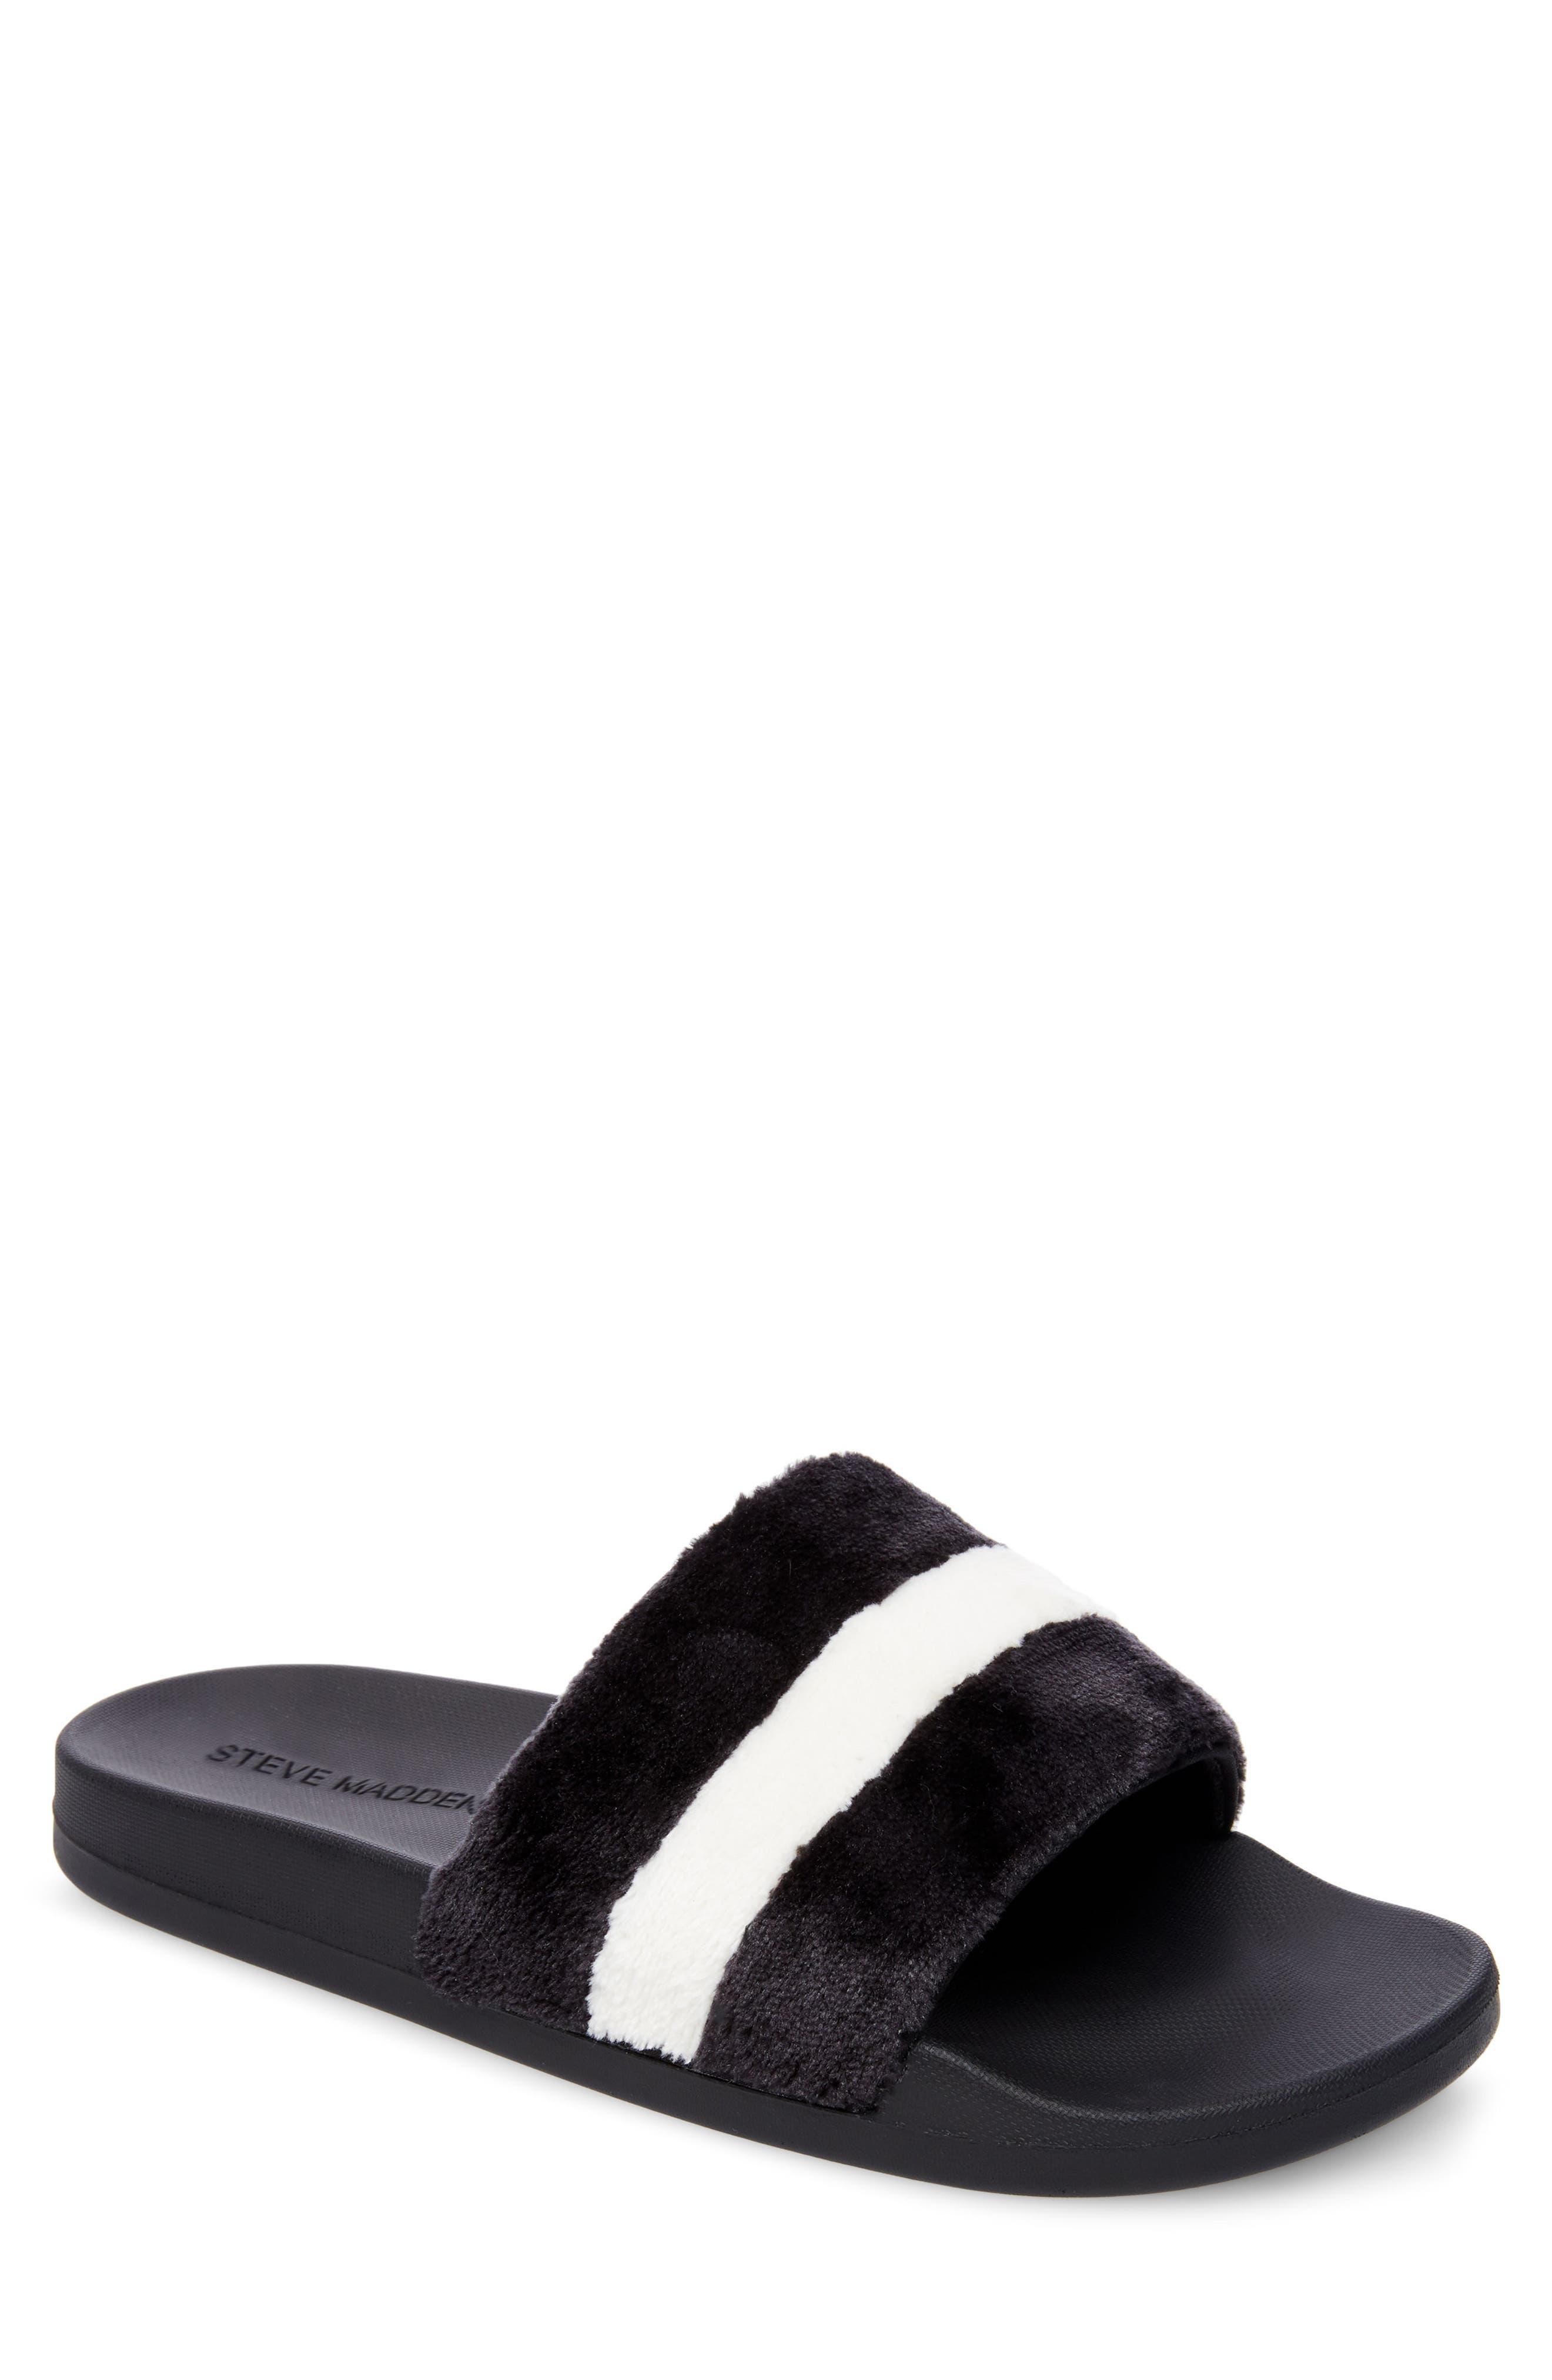 Resport Plush Slide Sandal,                             Main thumbnail 1, color,                             Black/ White